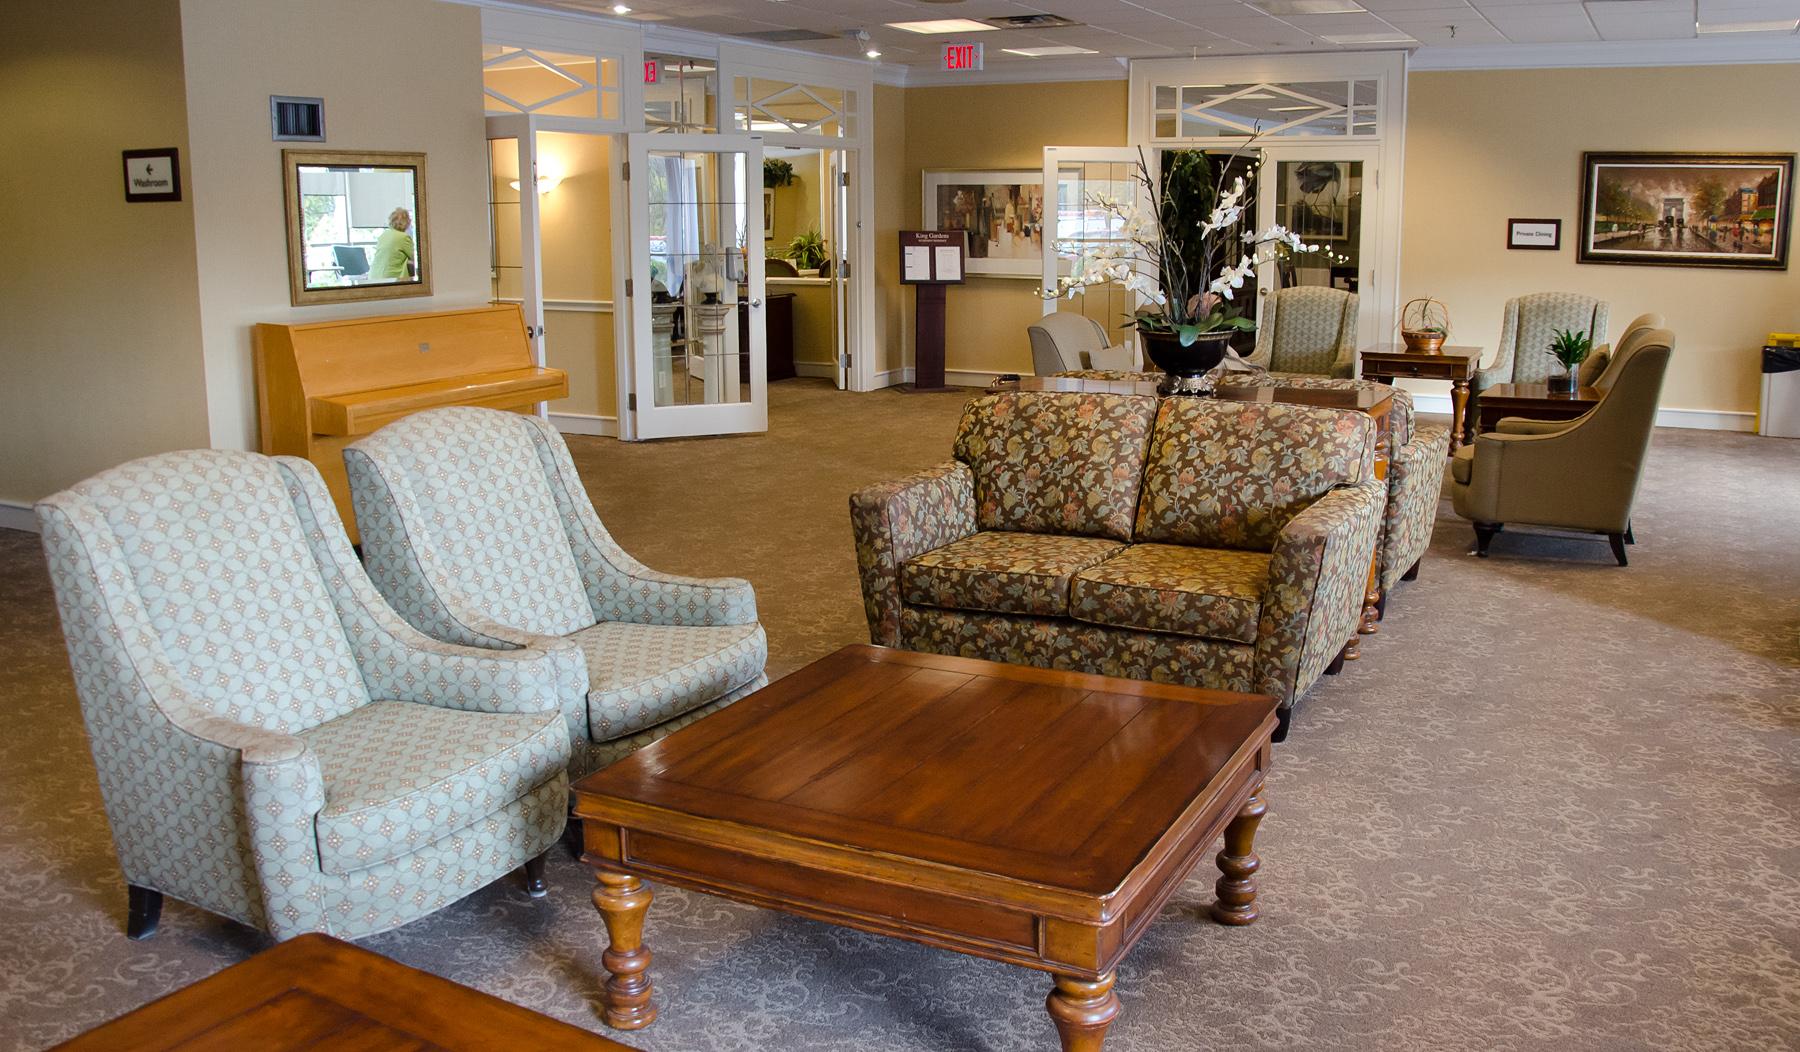 Revera King Gardens Retirement Residence